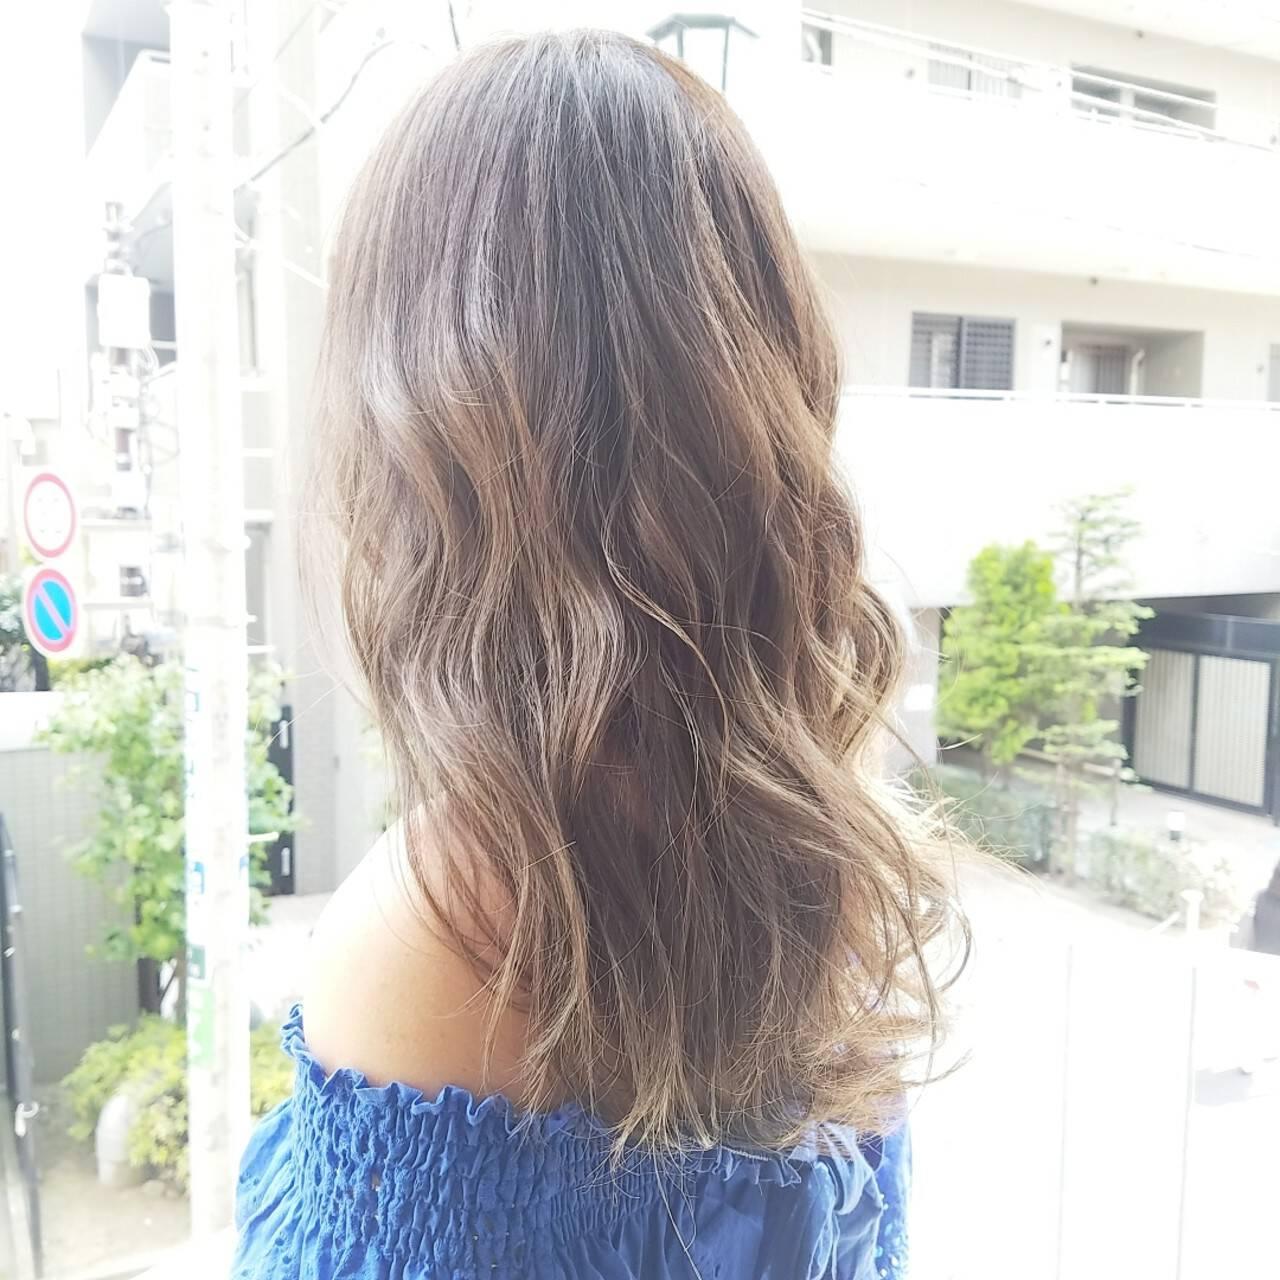 アッシュグレージュ コンサバ グレージュ ロングヘアスタイルや髪型の写真・画像